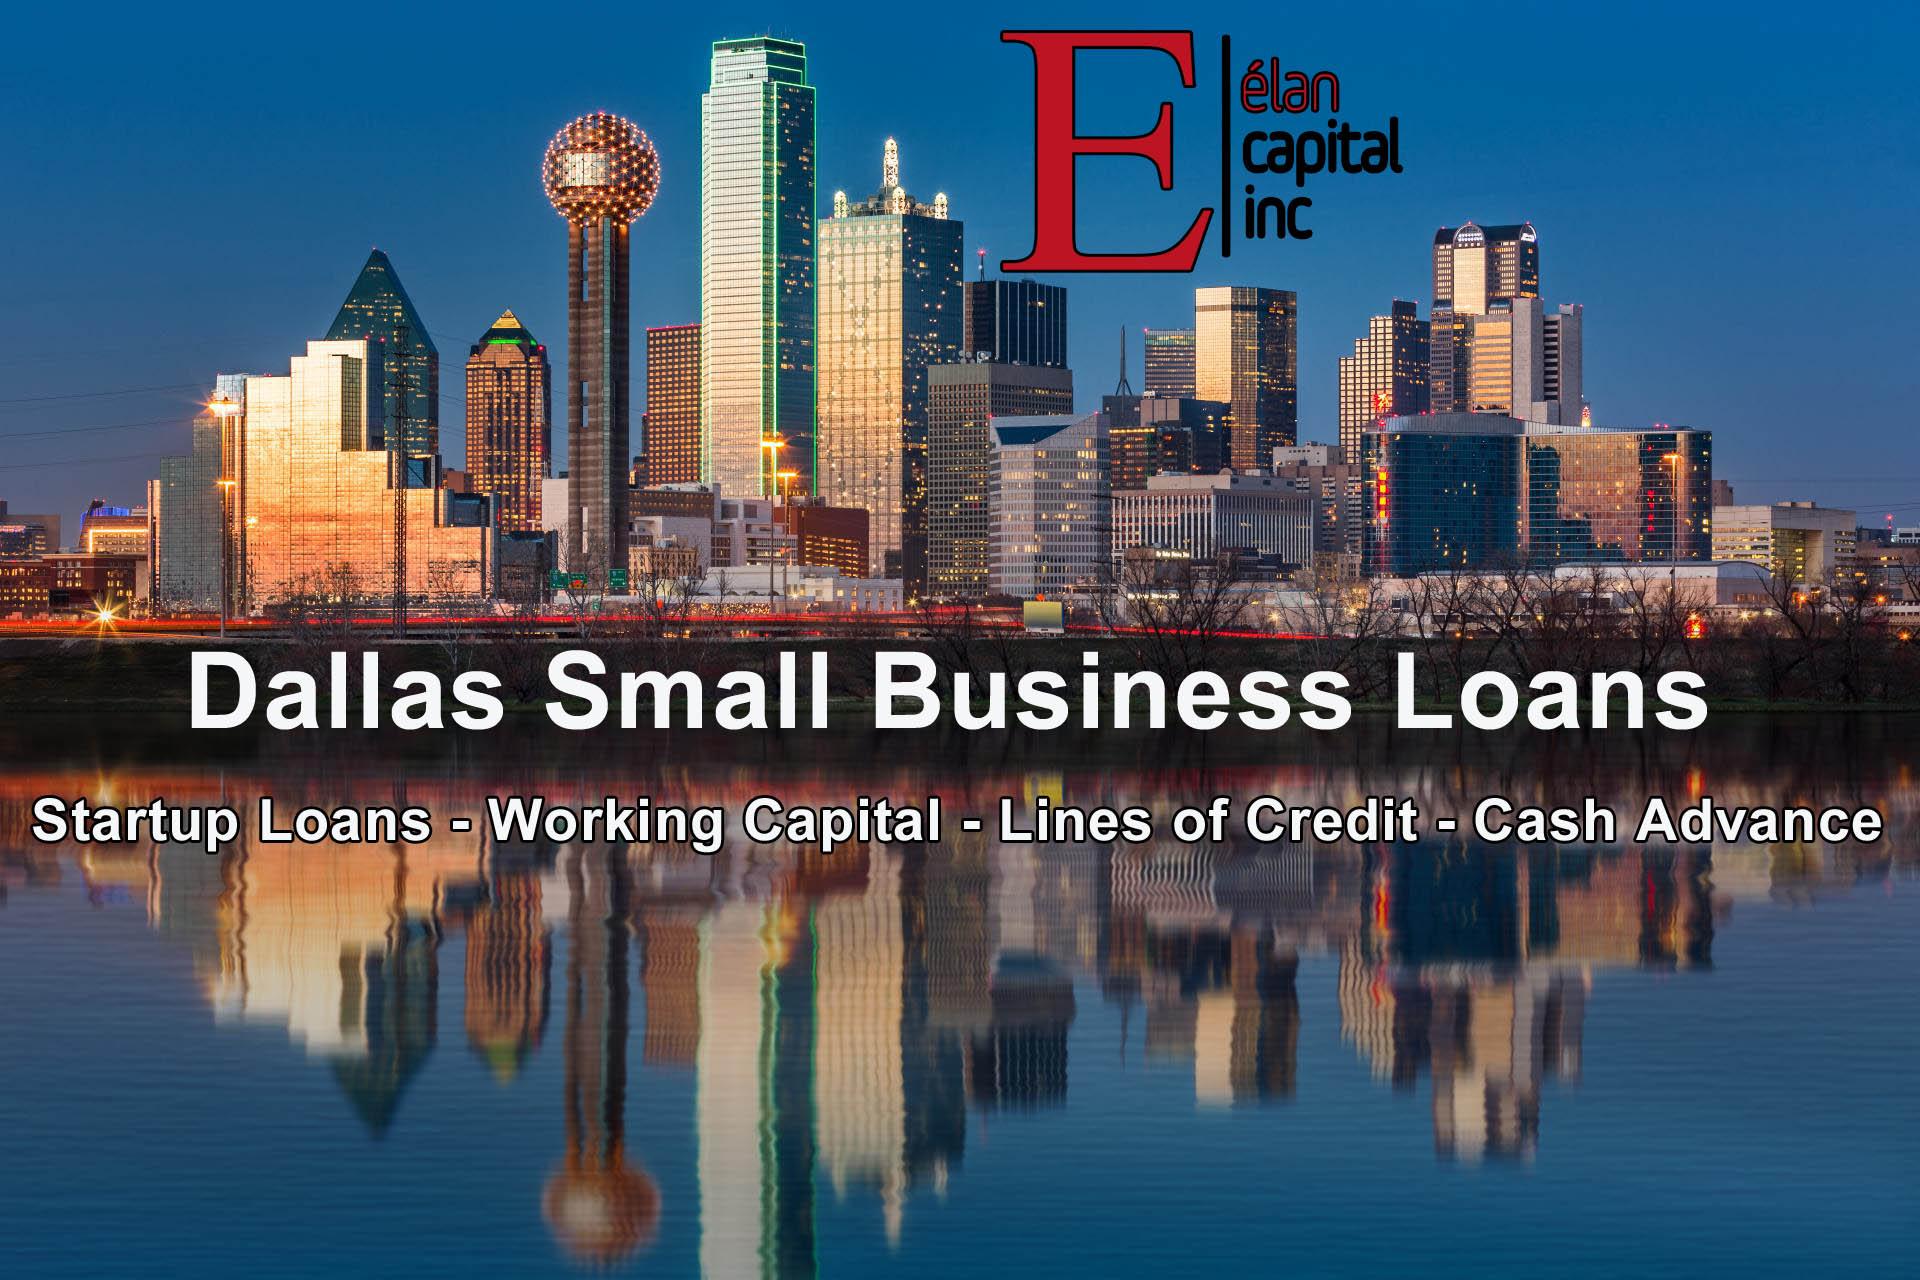 Dallas Small Business Loans